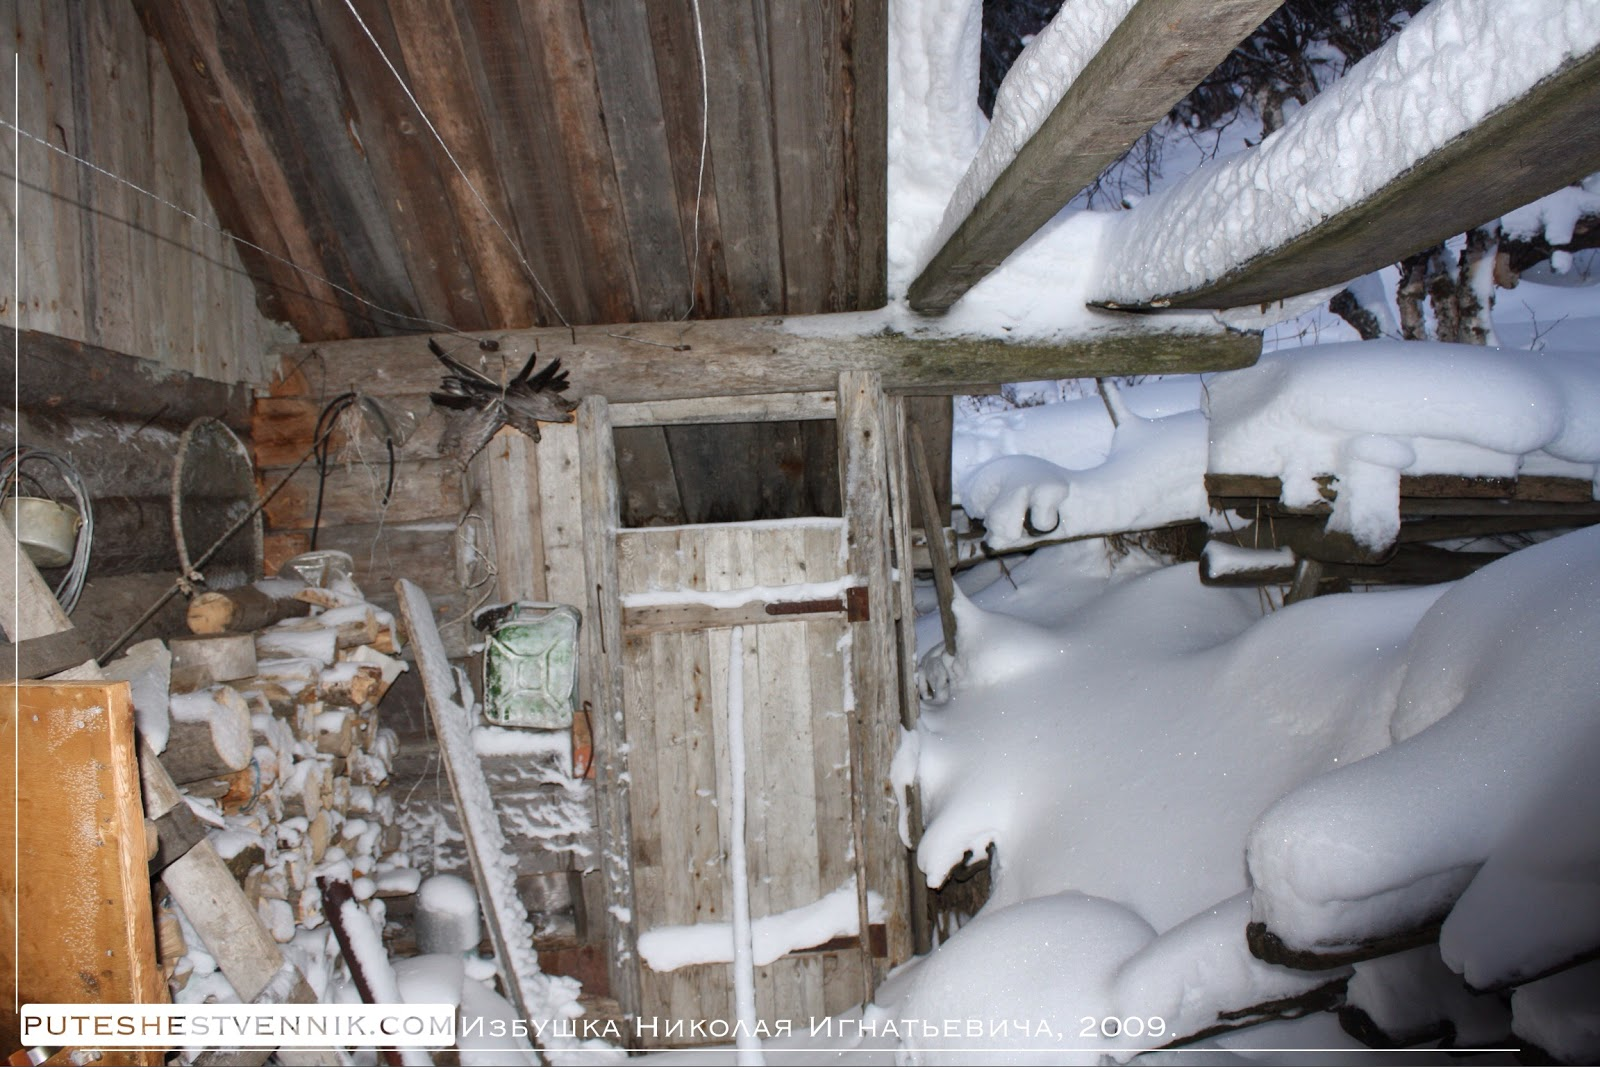 Занесенная снегом рыбацкая избушка